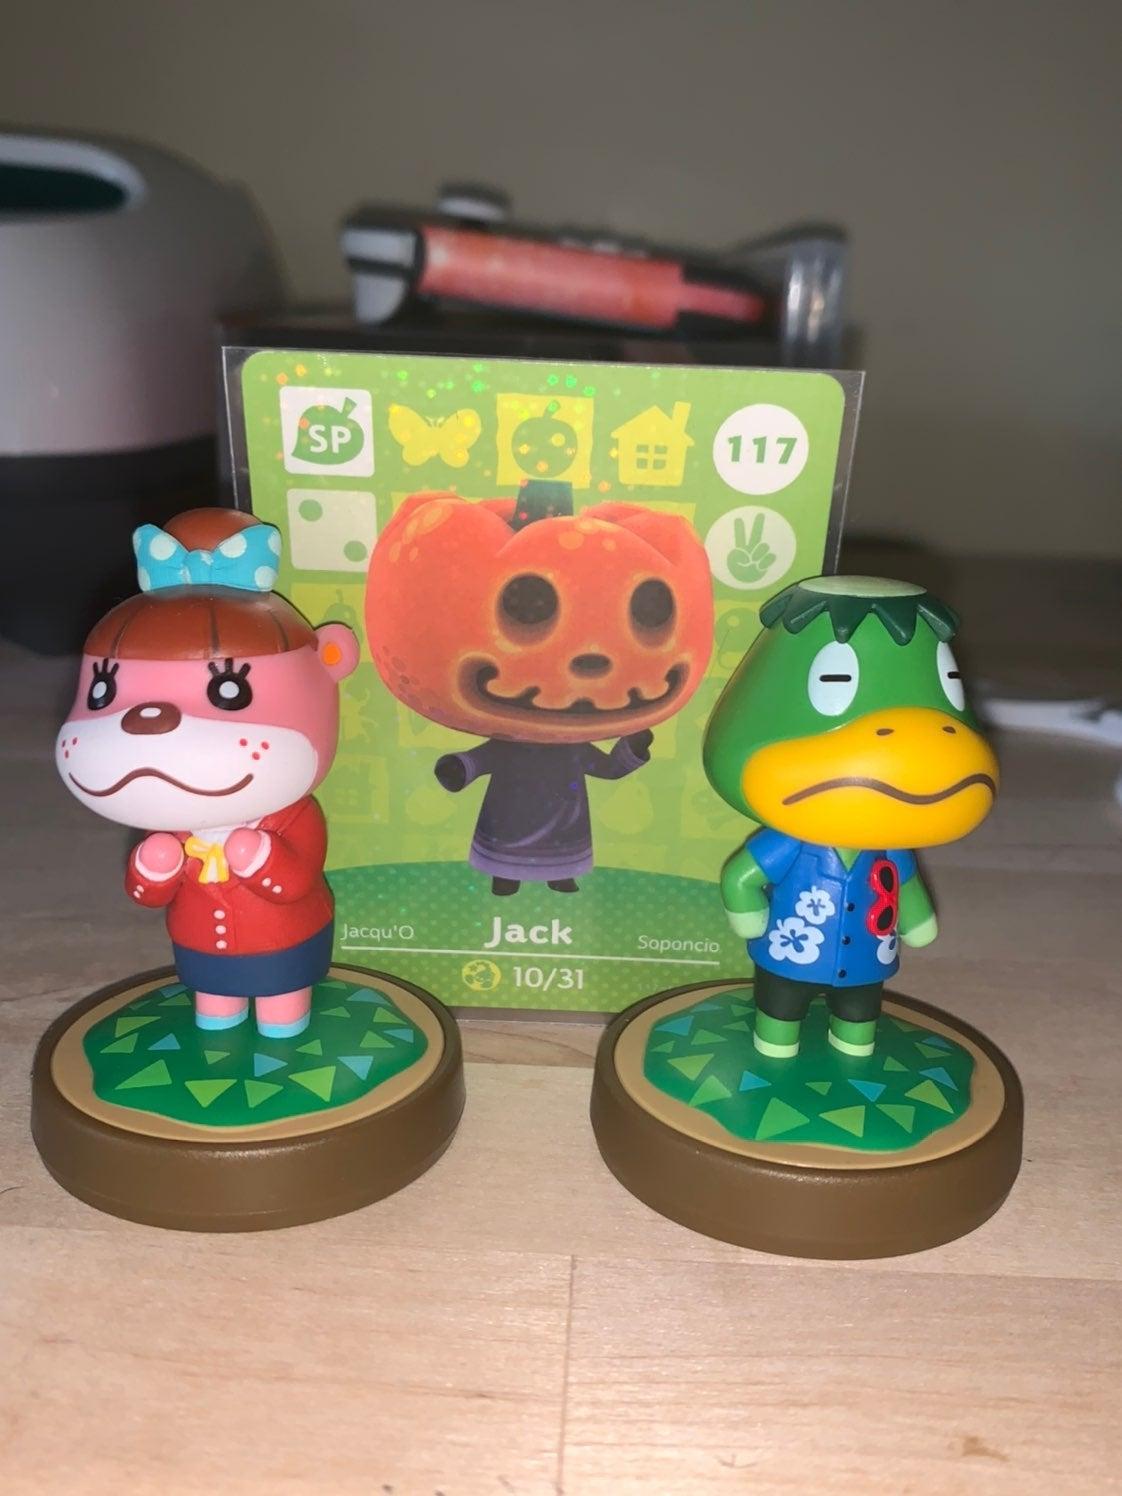 Special Animal Crossing Amiibos